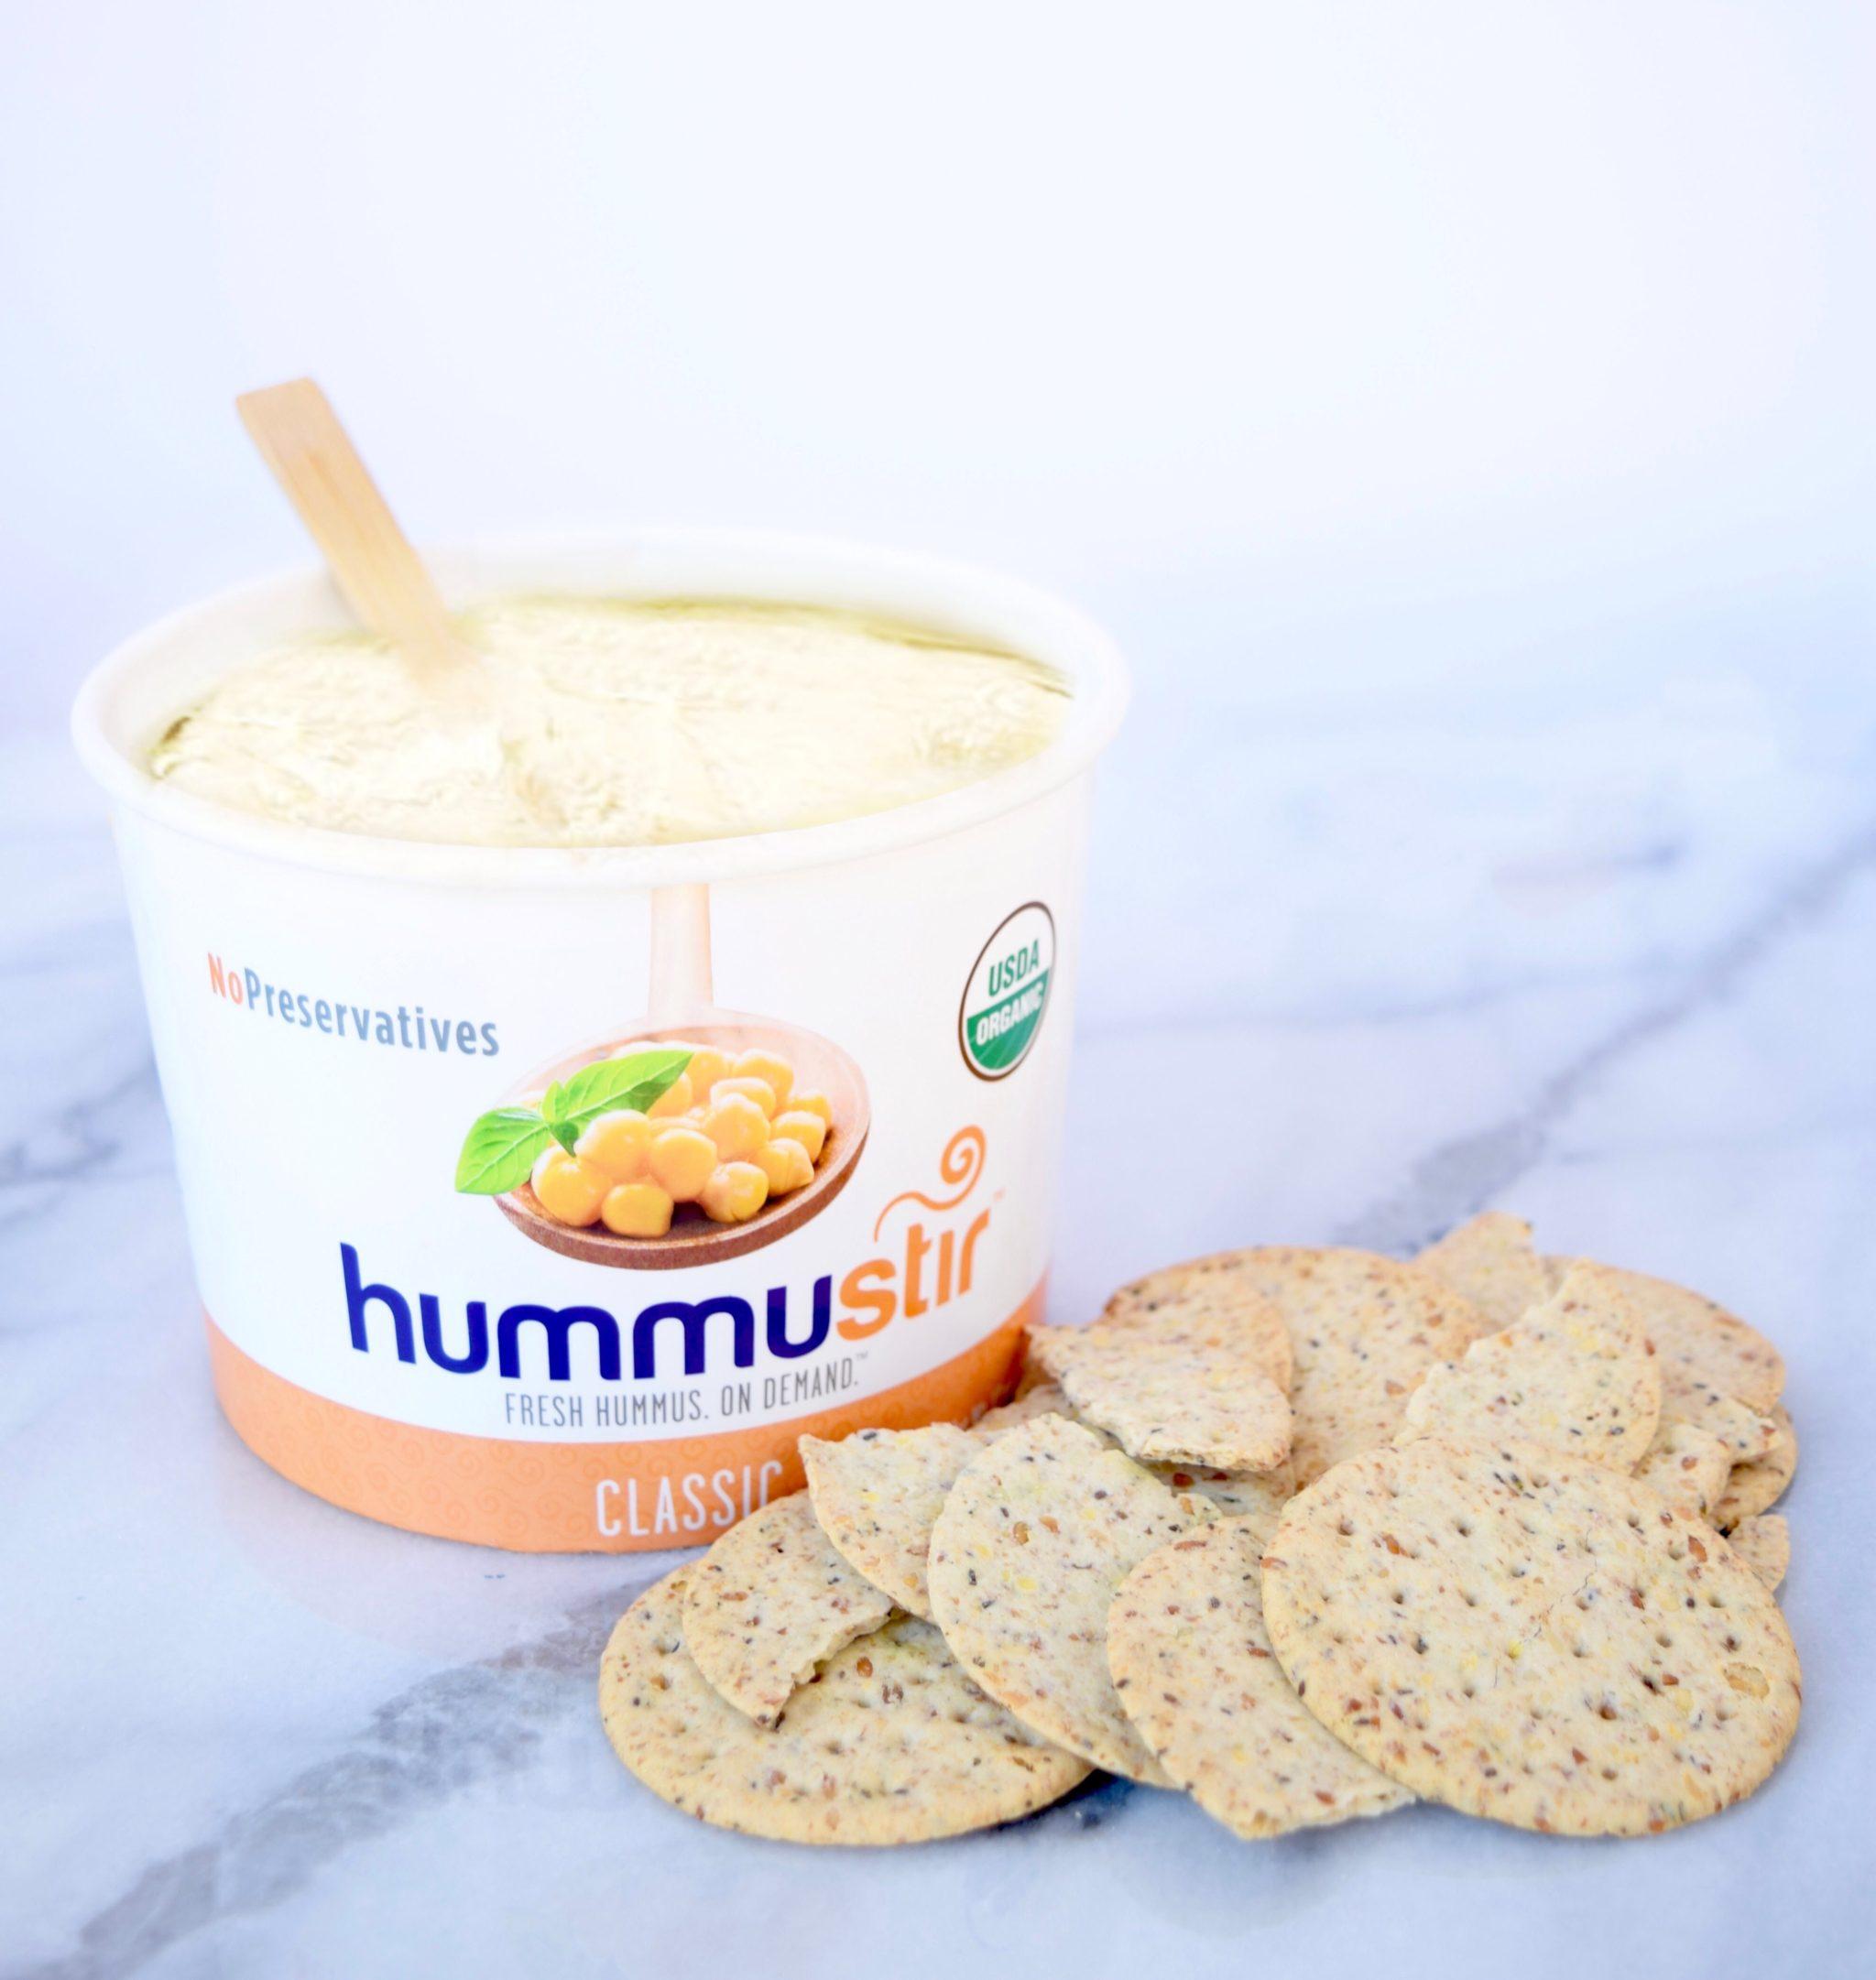 Hummustir Low Sugar Foods